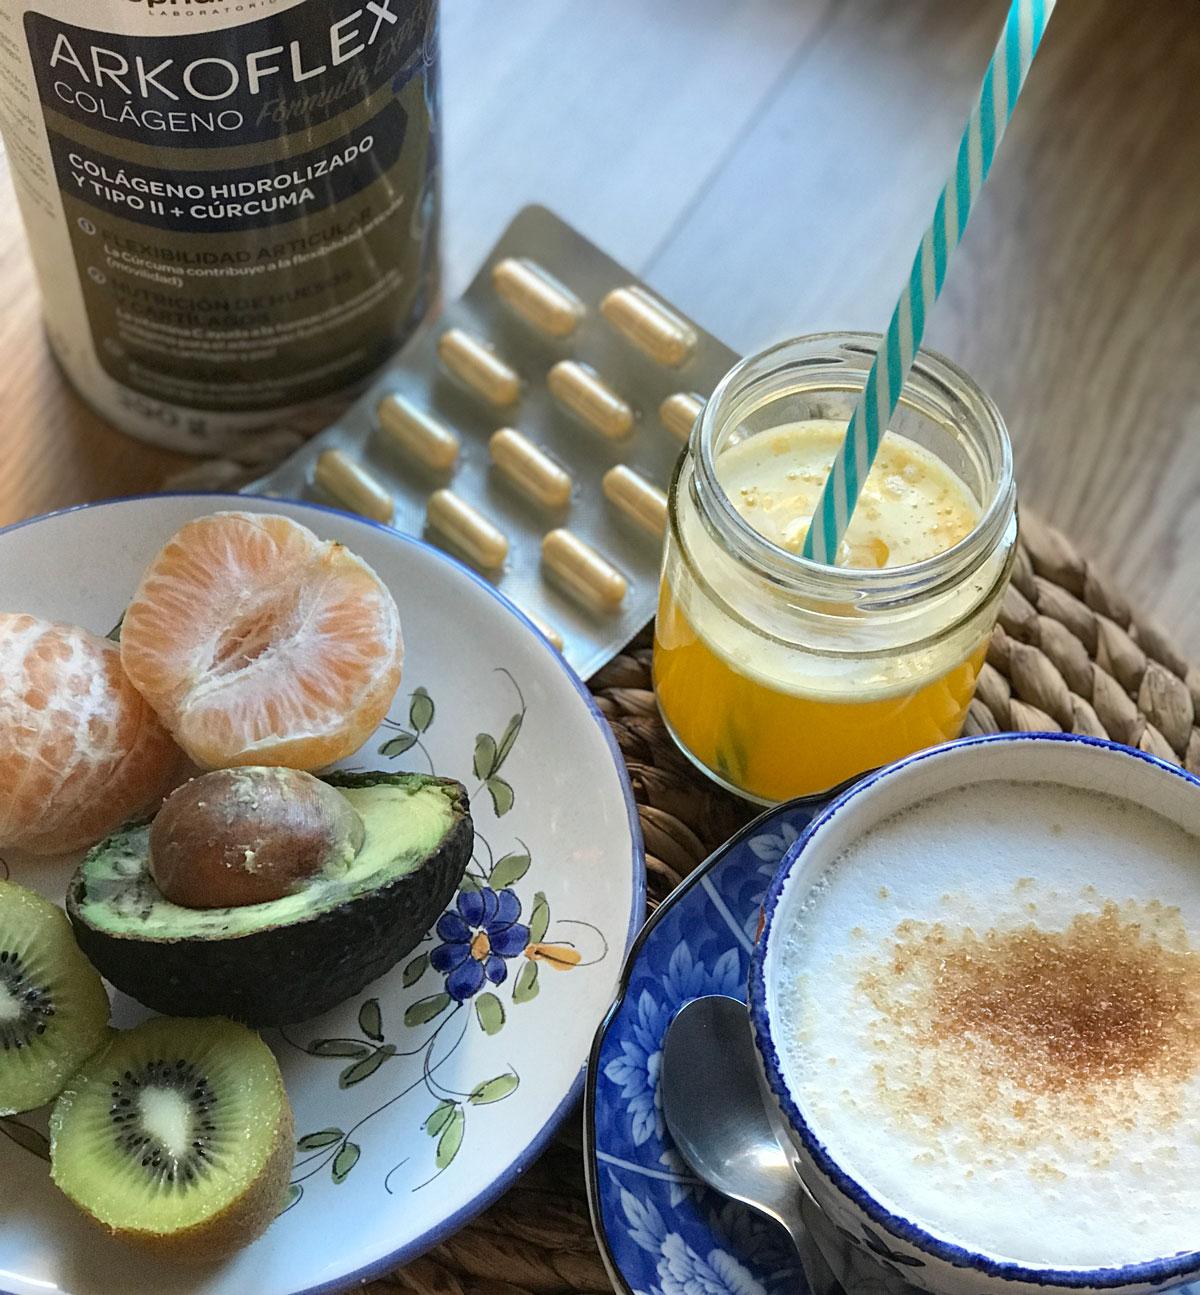 Arkoflex desayuno con colágeno